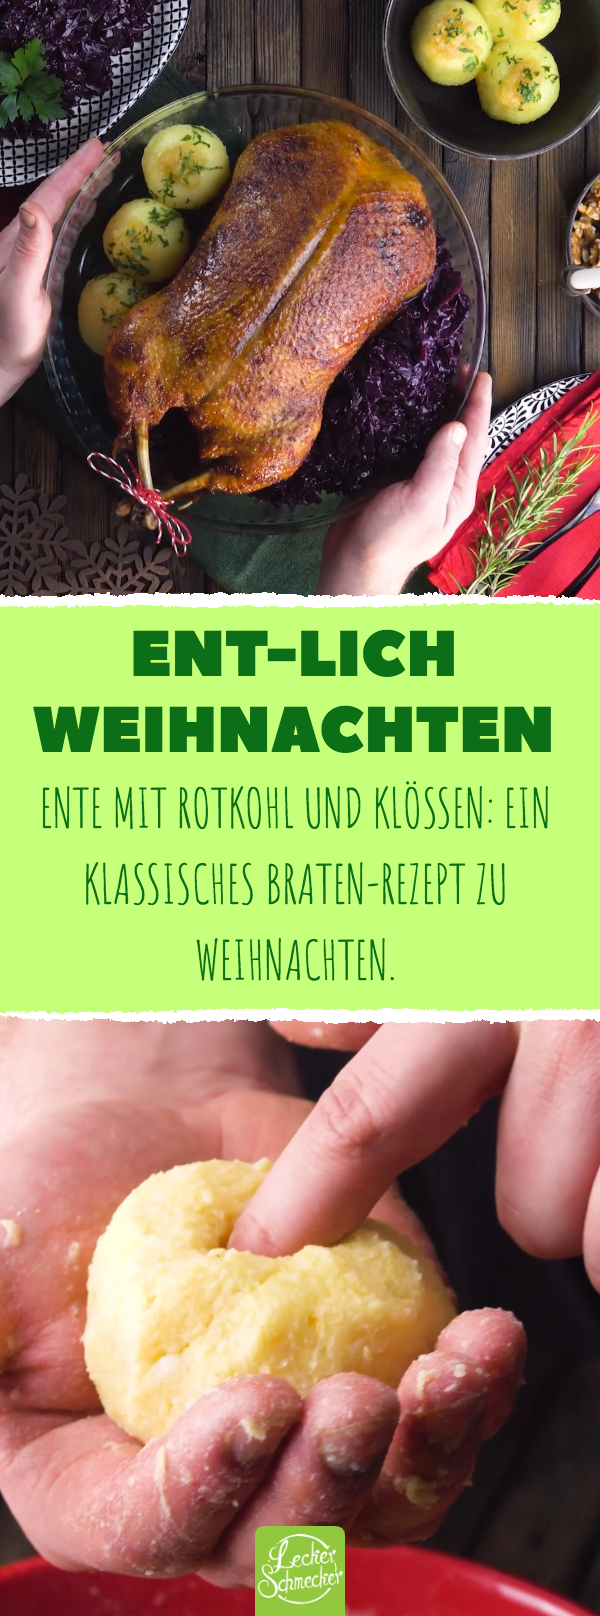 Ente mit Rotkohl und Klößen: ein klassisches Braten-Rezept zu Weihnachten.